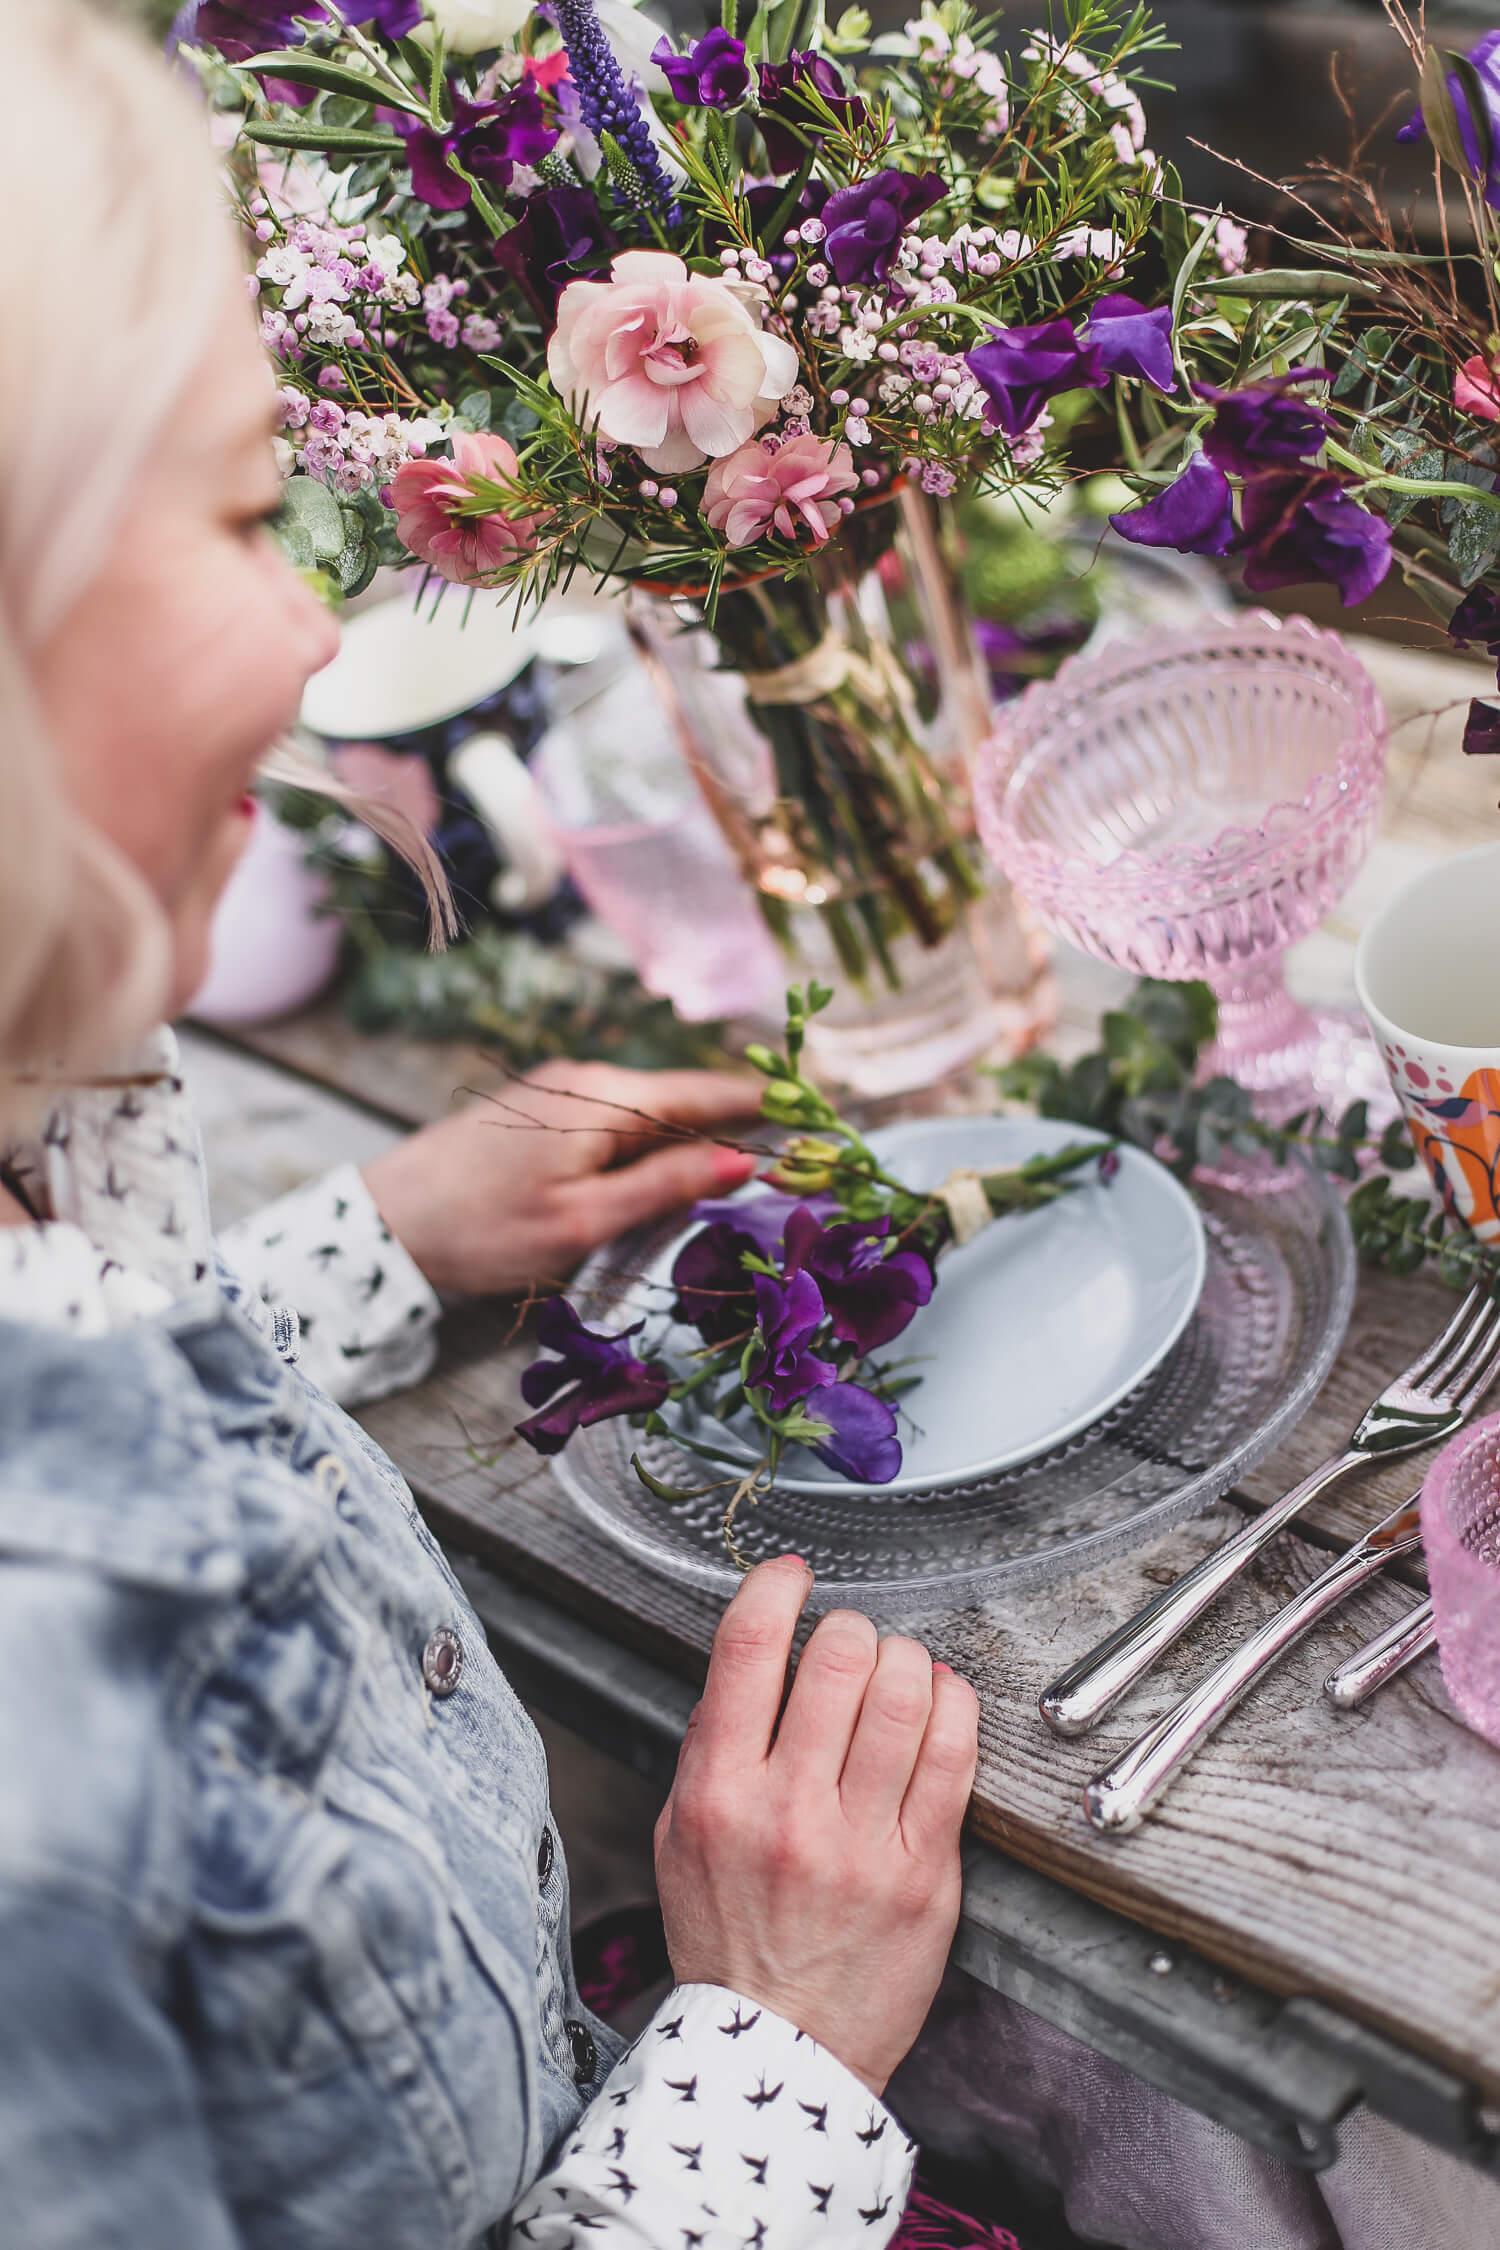 Kattaukseen lautasen päälle on sidottu minikimppu samoista kukista kuin pöydänk kimpuissa.